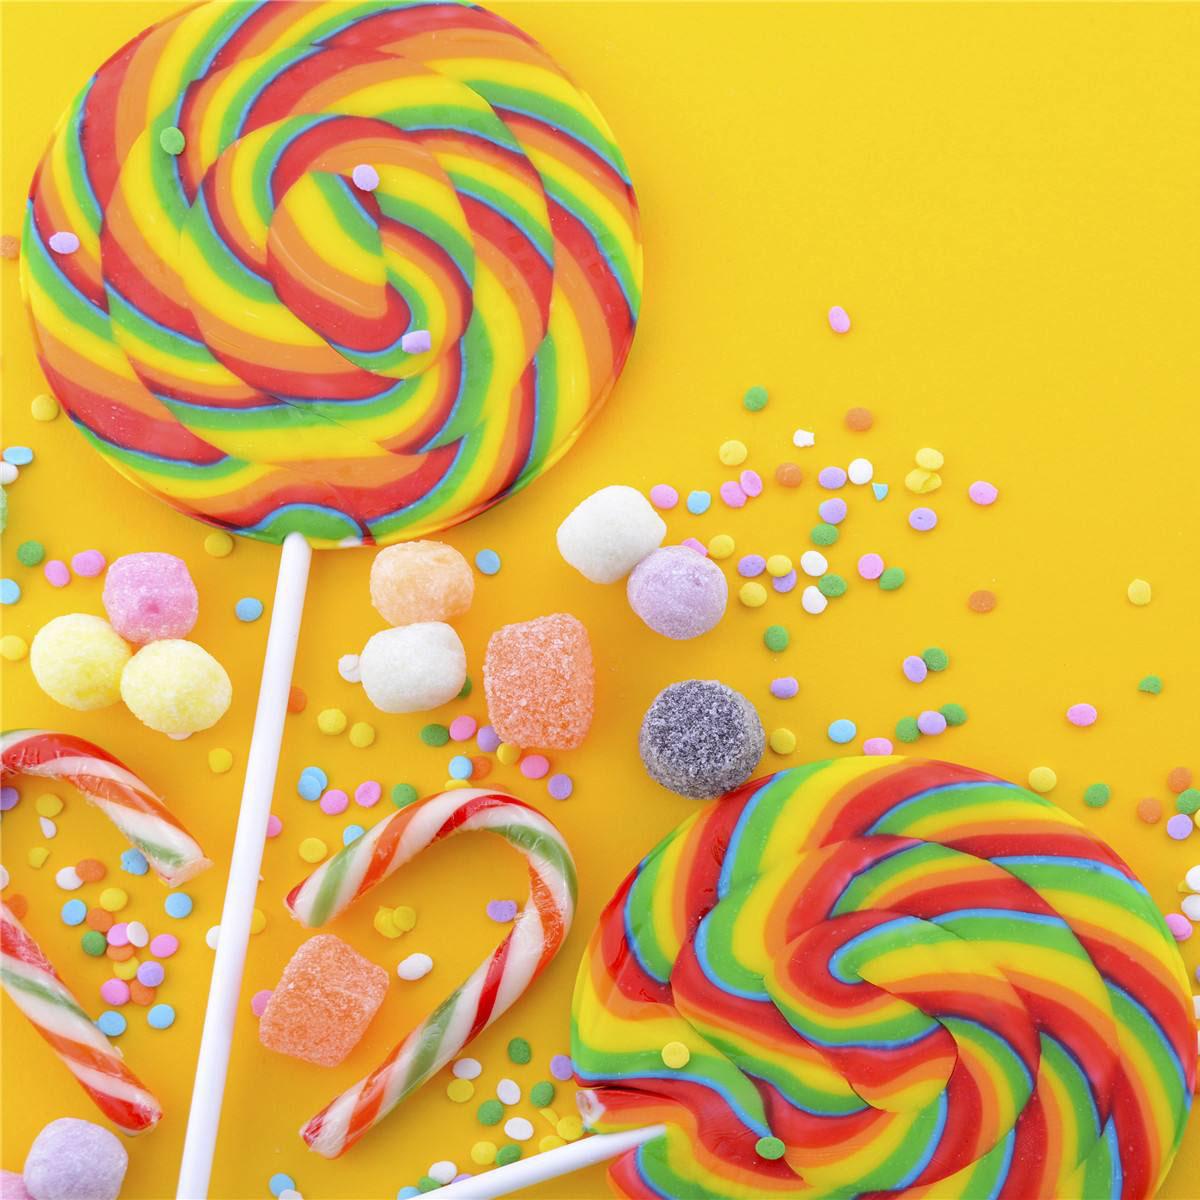 美味的棒棒糖